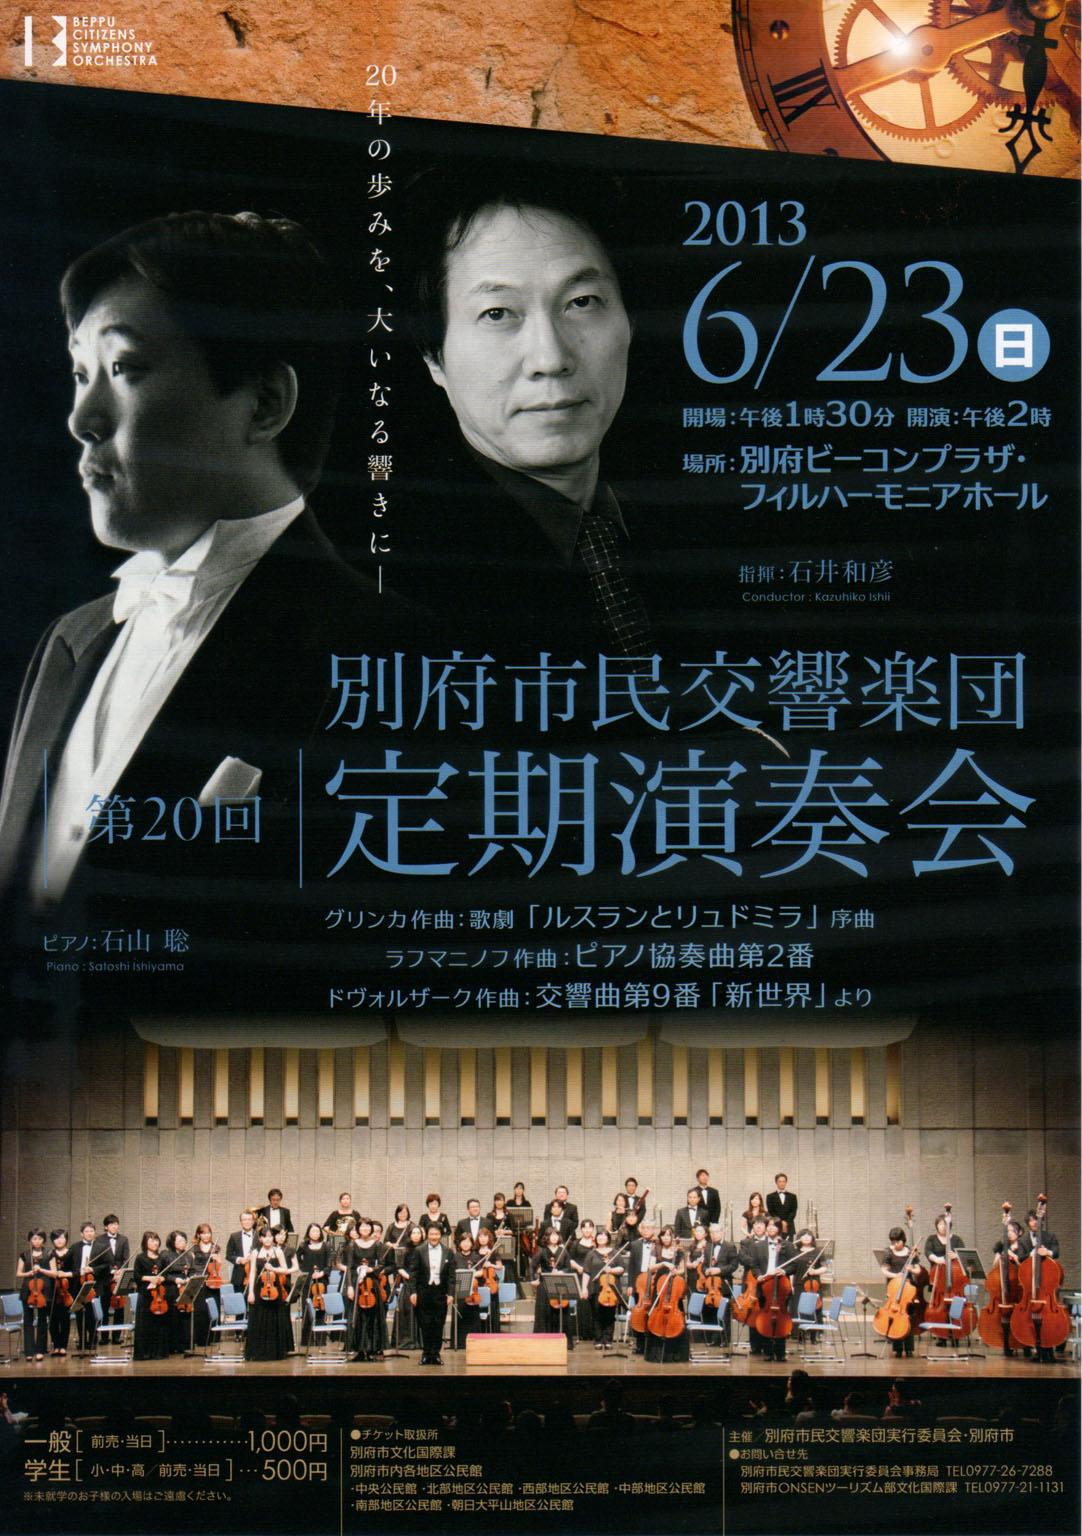 市民交響楽団 定期演奏会_e0251278_1658119.jpg